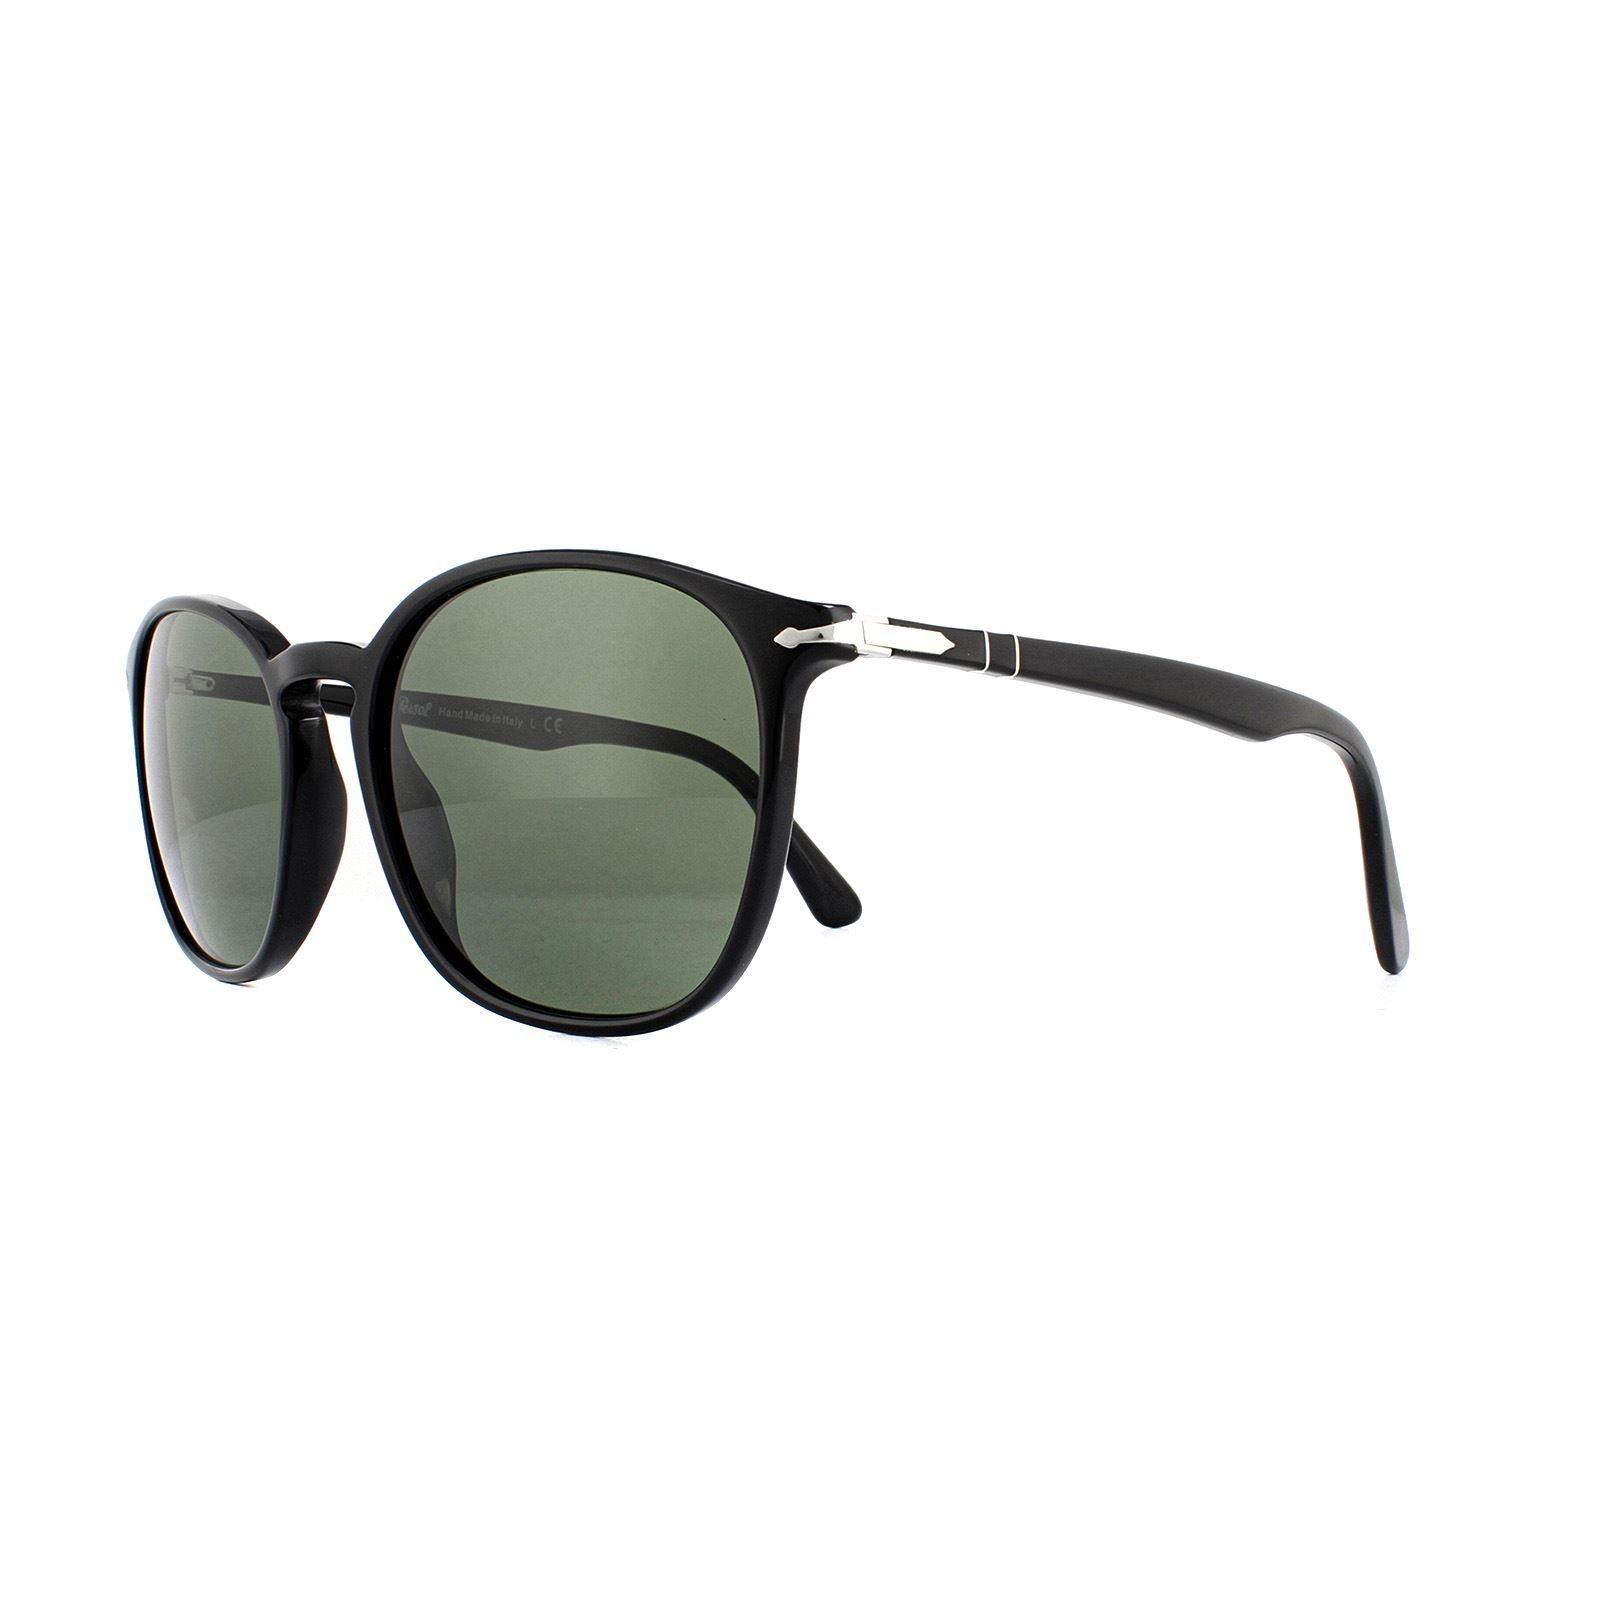 Persol Sunglasses PO3215S 95/31 Black Green